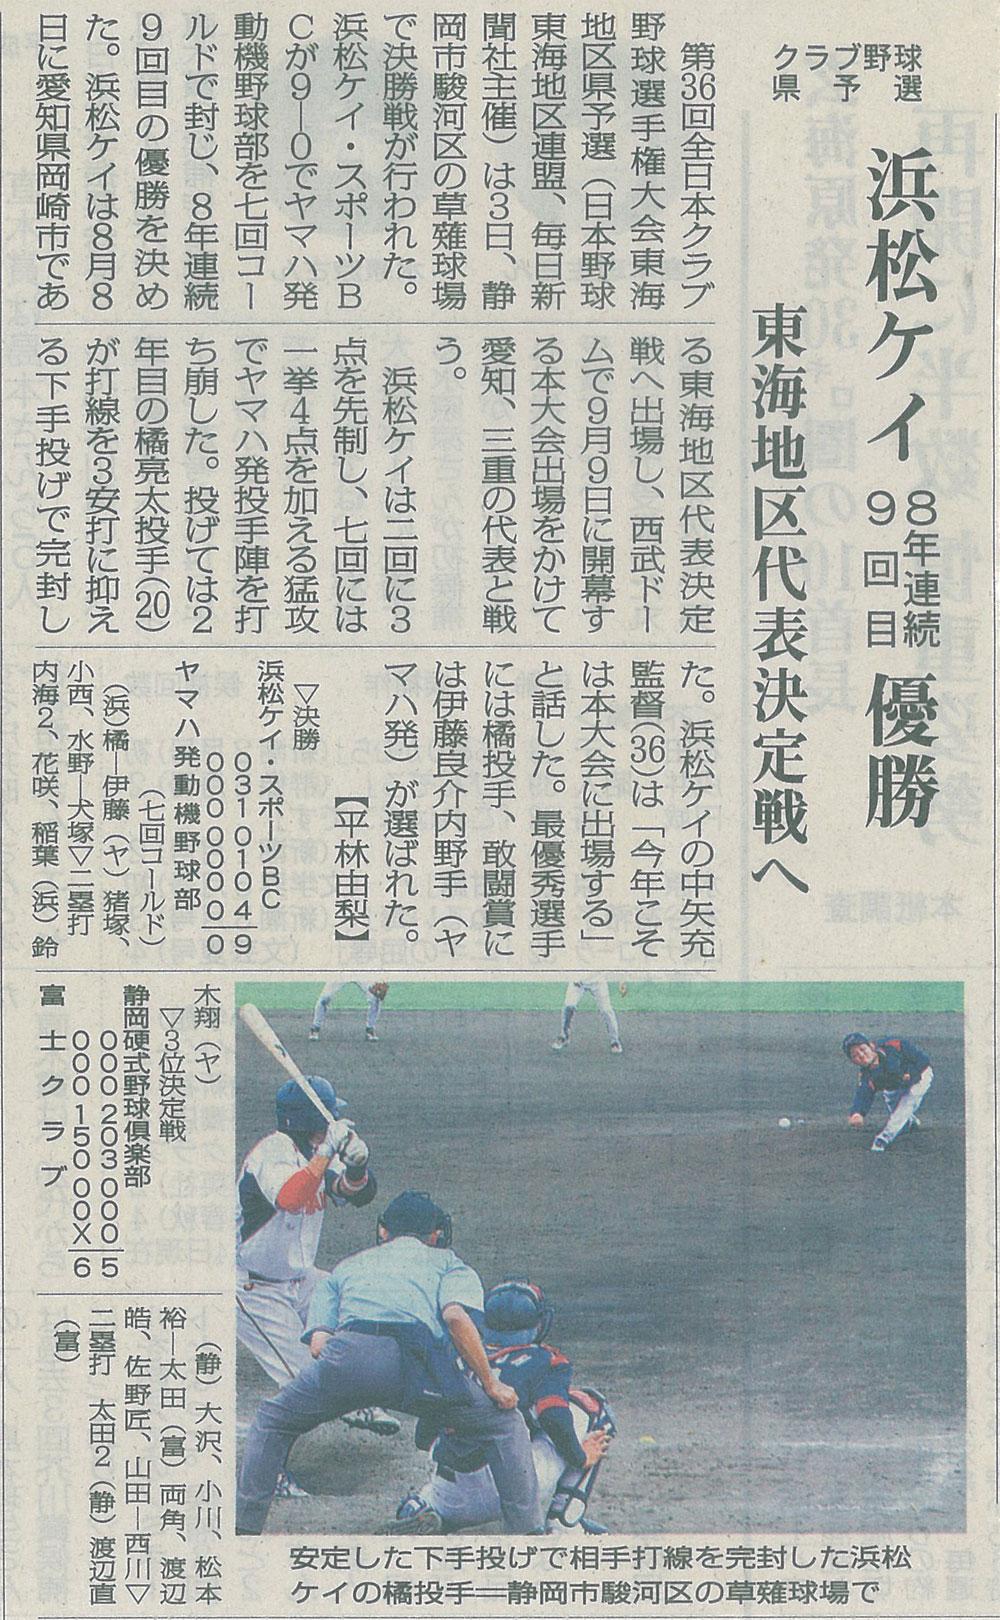 第36回全日本クラブ野球選手権大会東海地区県予選